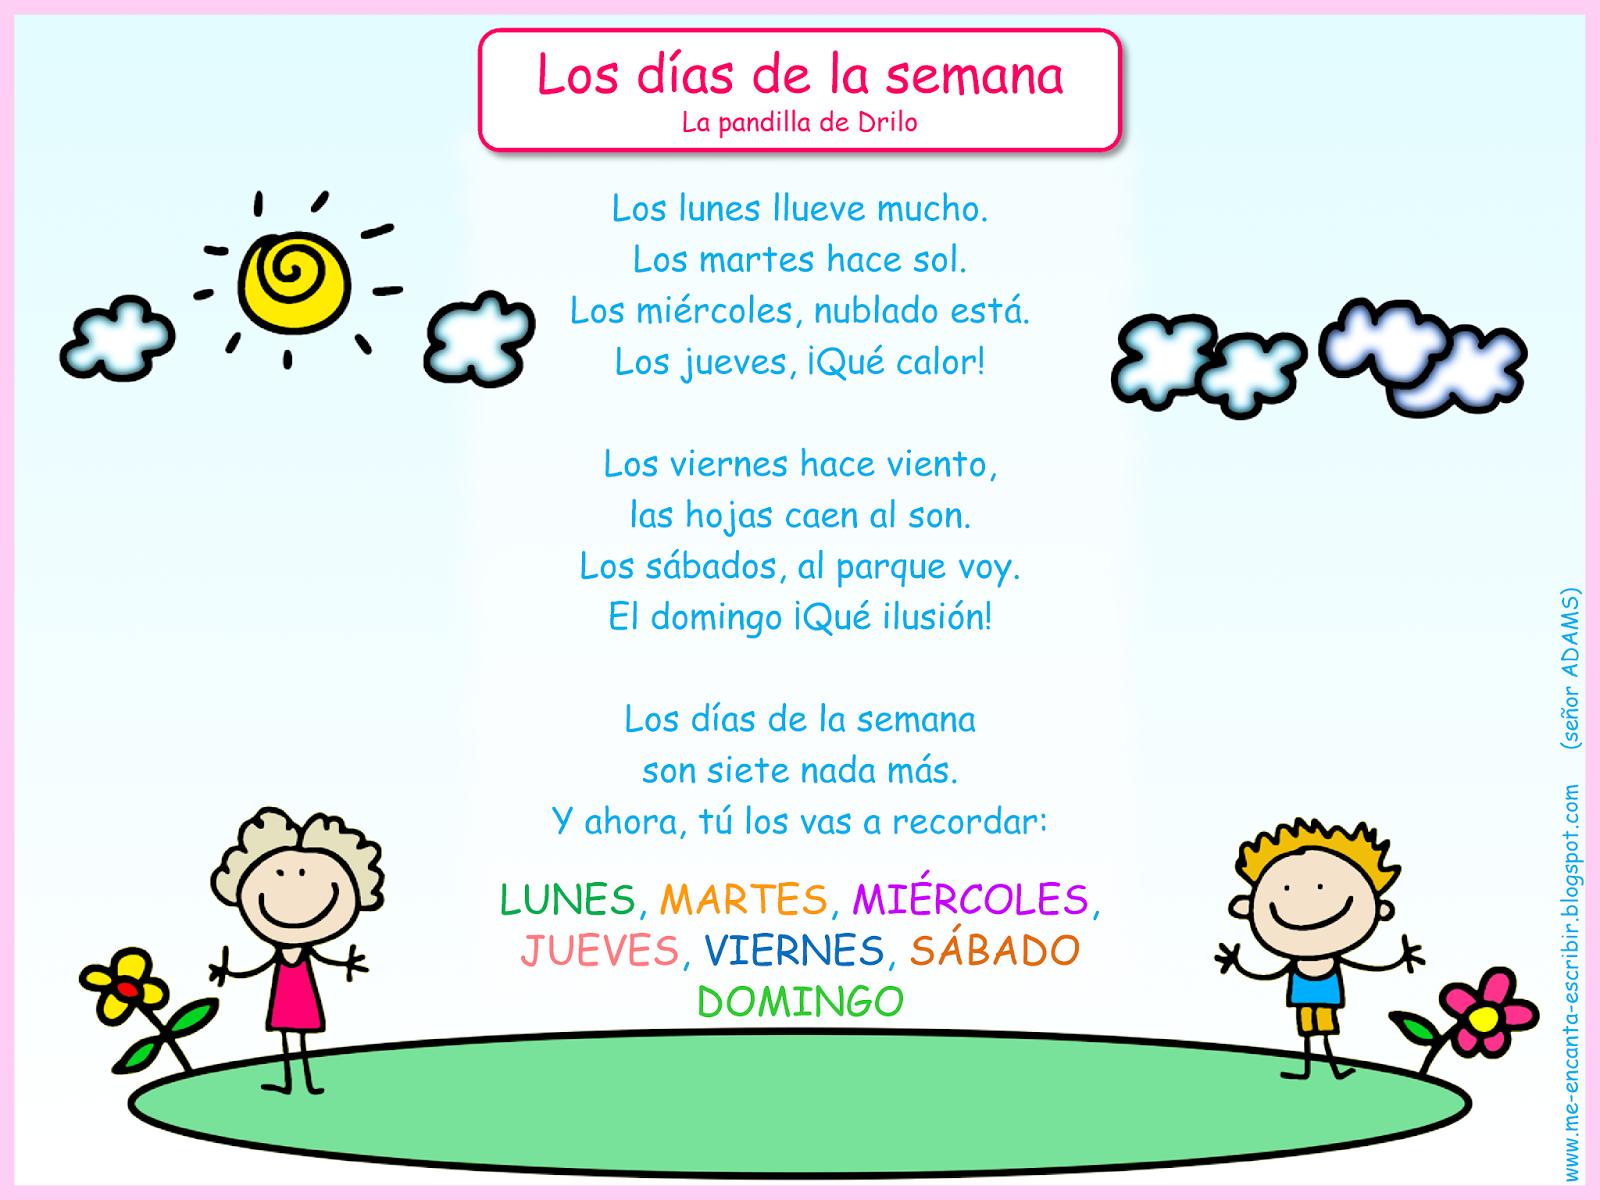 Me Encanta Escribir En Espanol Cancion Los Dias De La